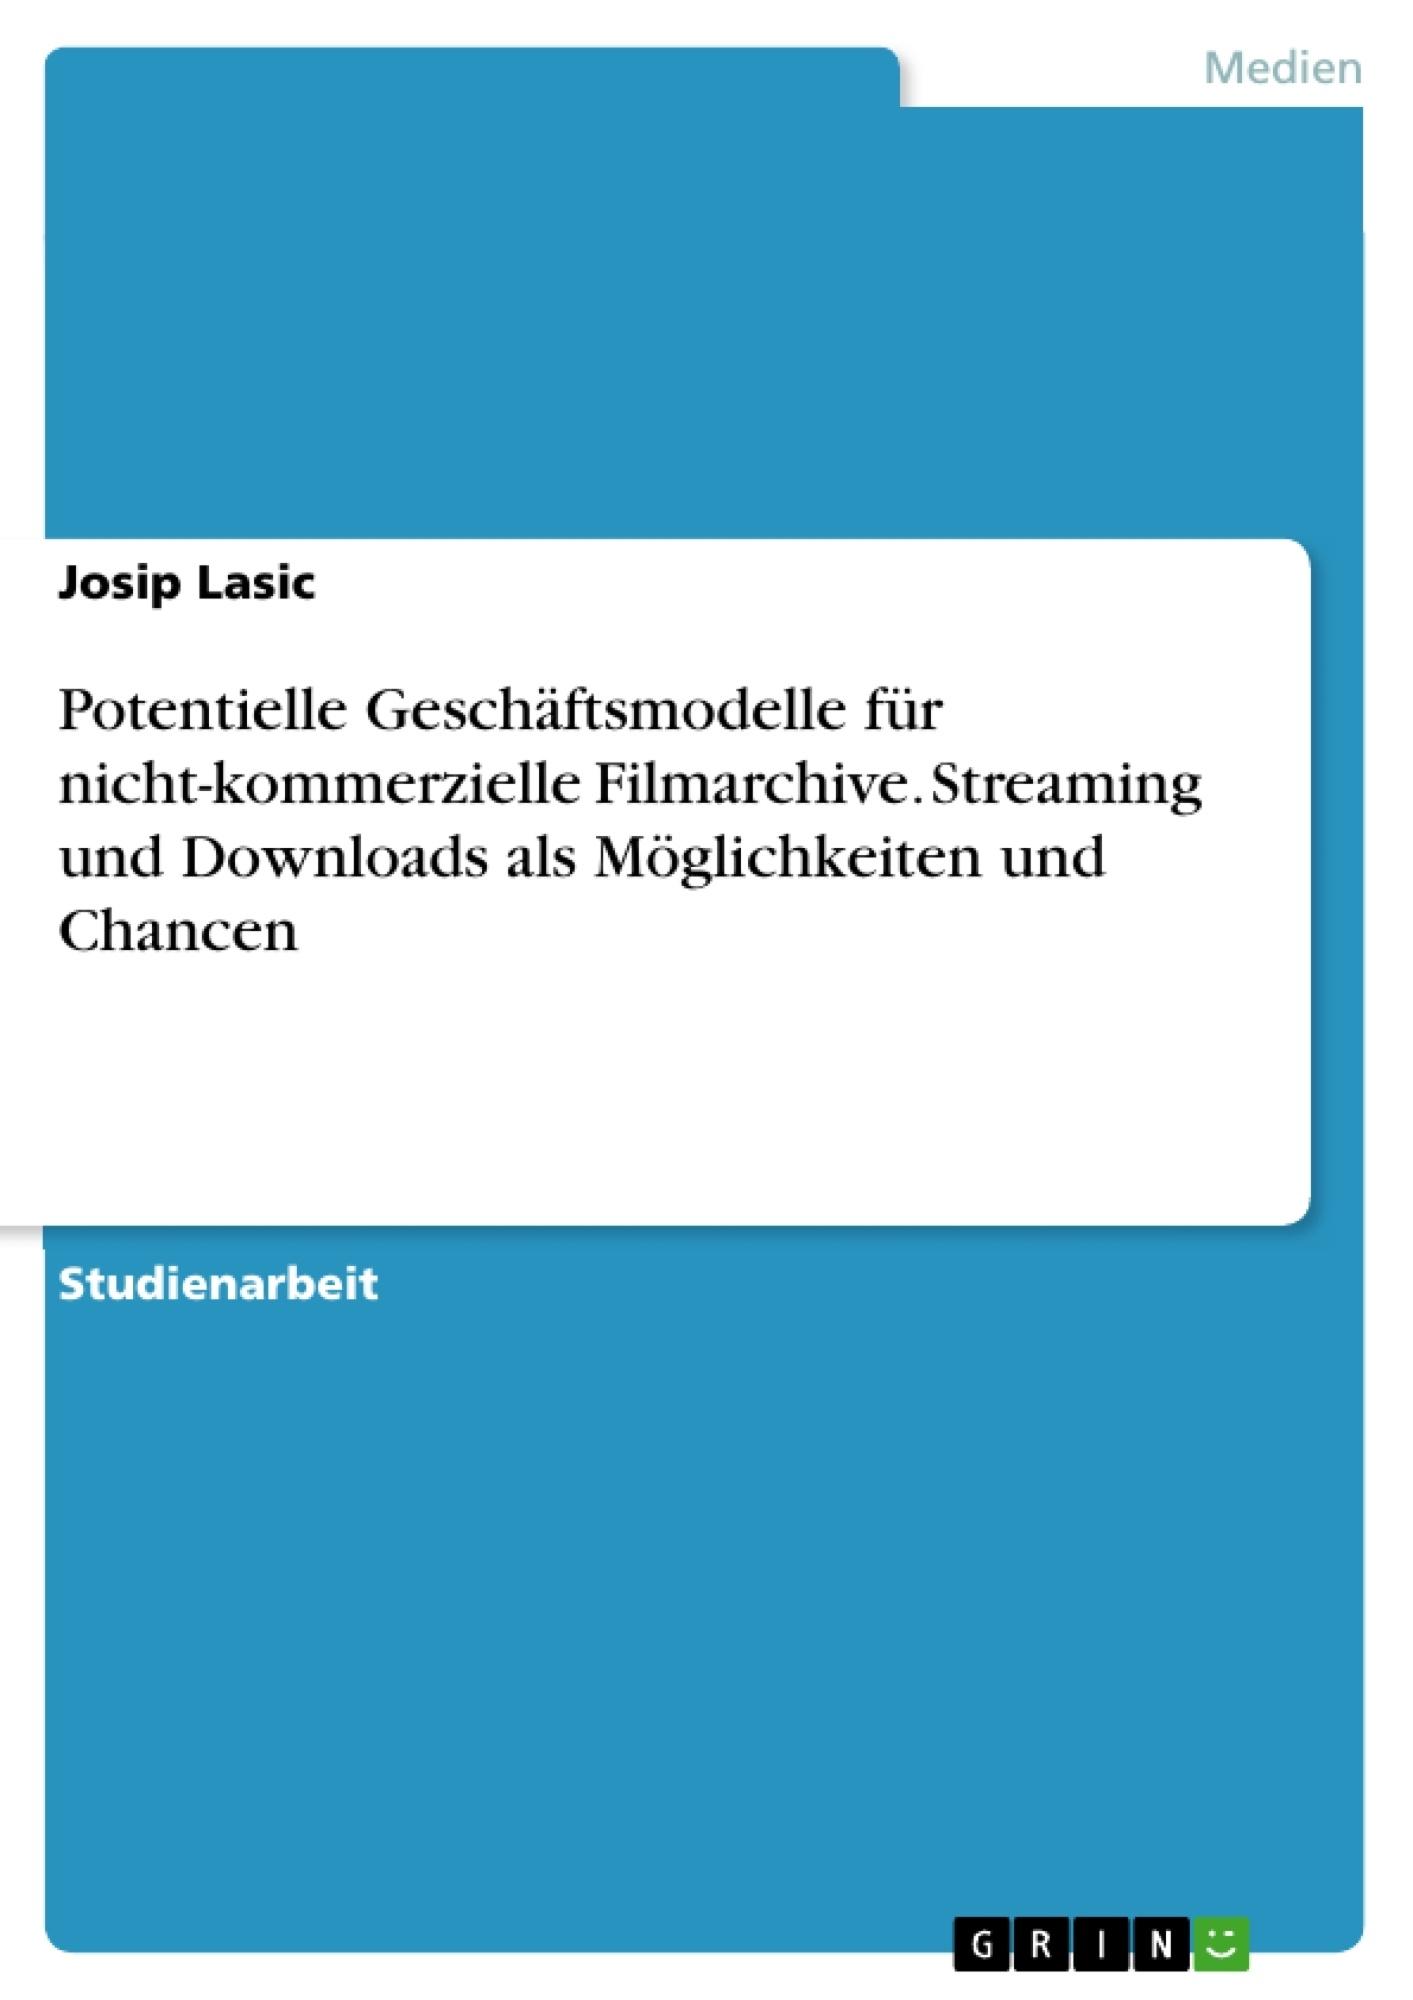 Titel: Potentielle Geschäftsmodelle für nicht-kommerzielle Filmarchive. Streaming und Downloads als Möglichkeiten und Chancen